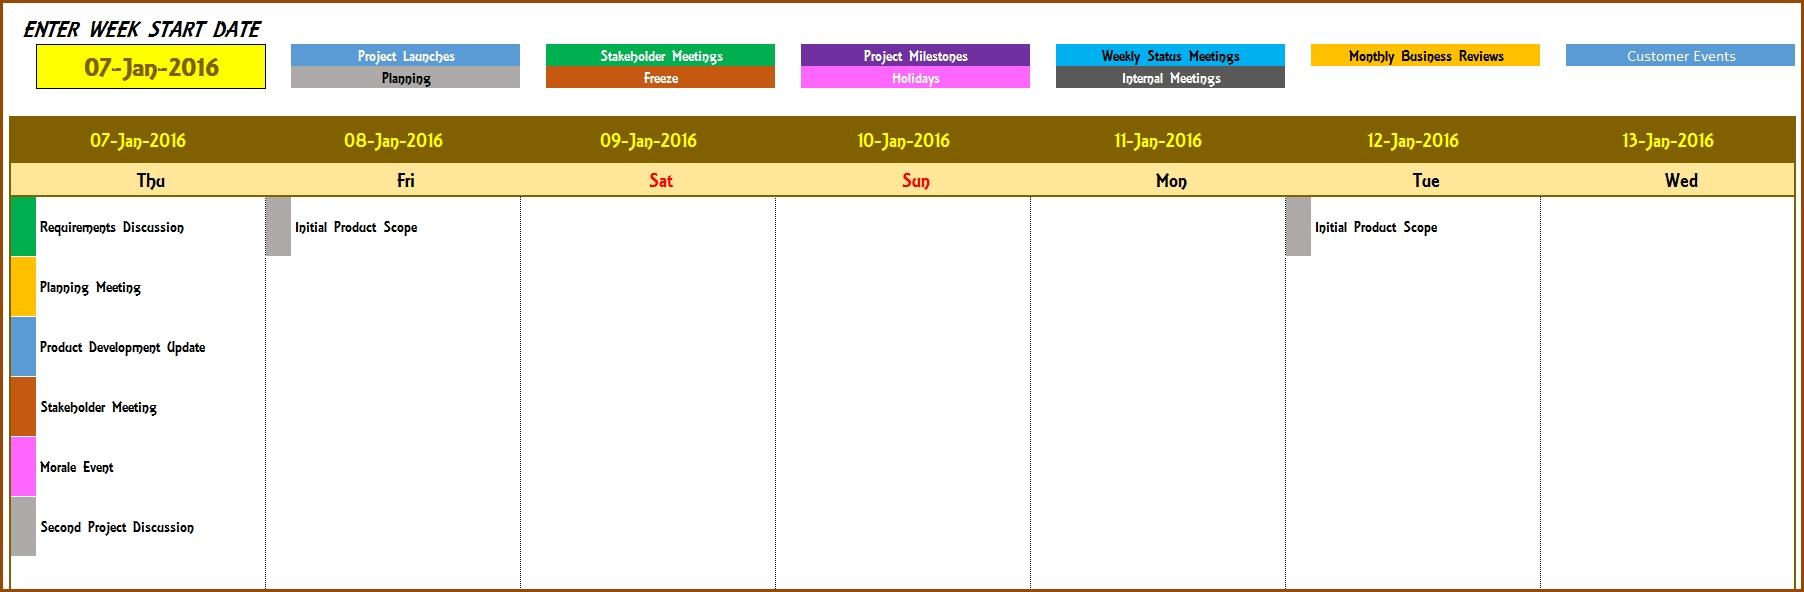 2016 Weekly Calendar Event Calendar Maker Excel Template Event